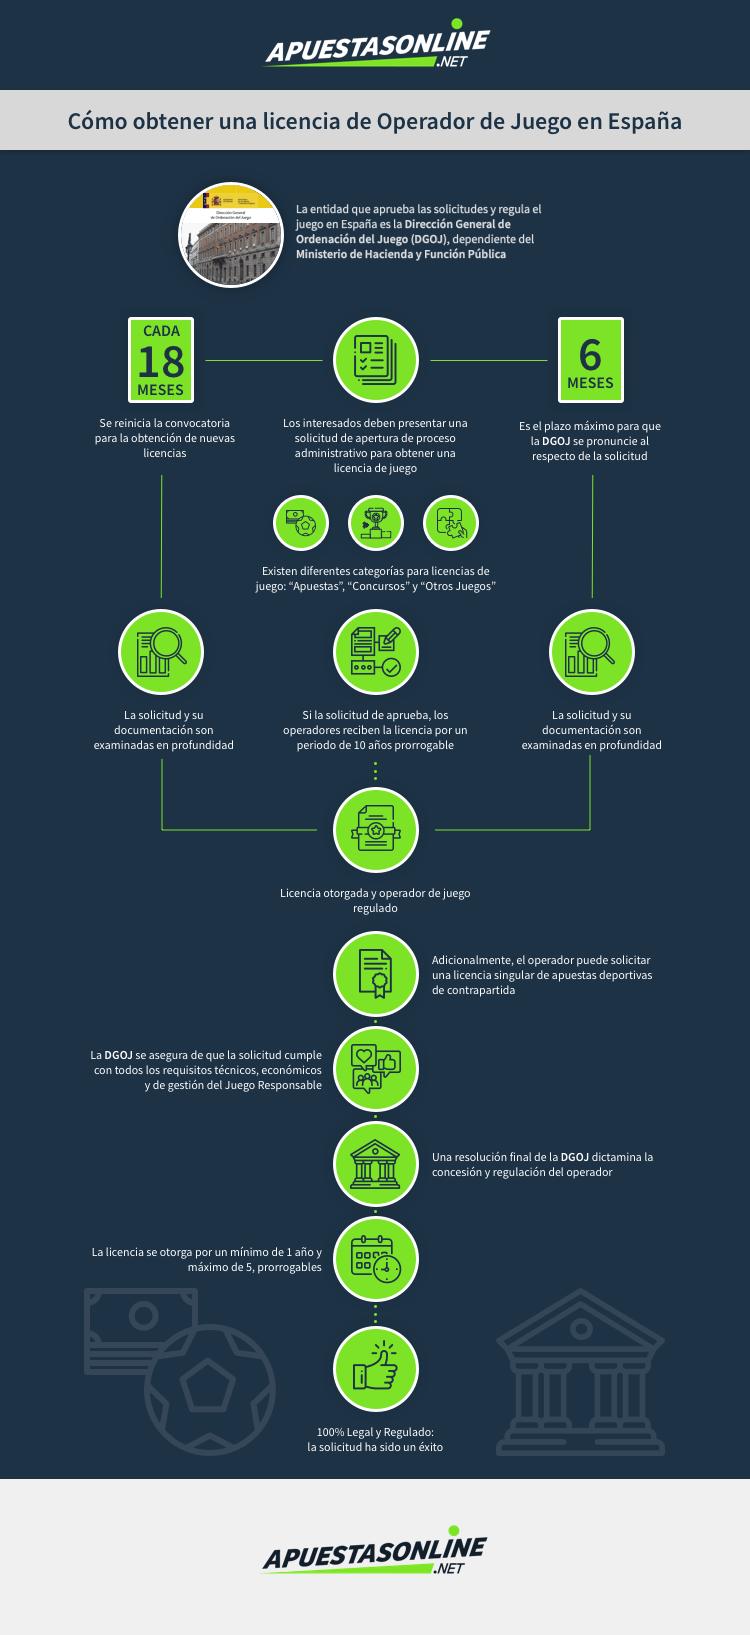 infografía-casas-apuestas